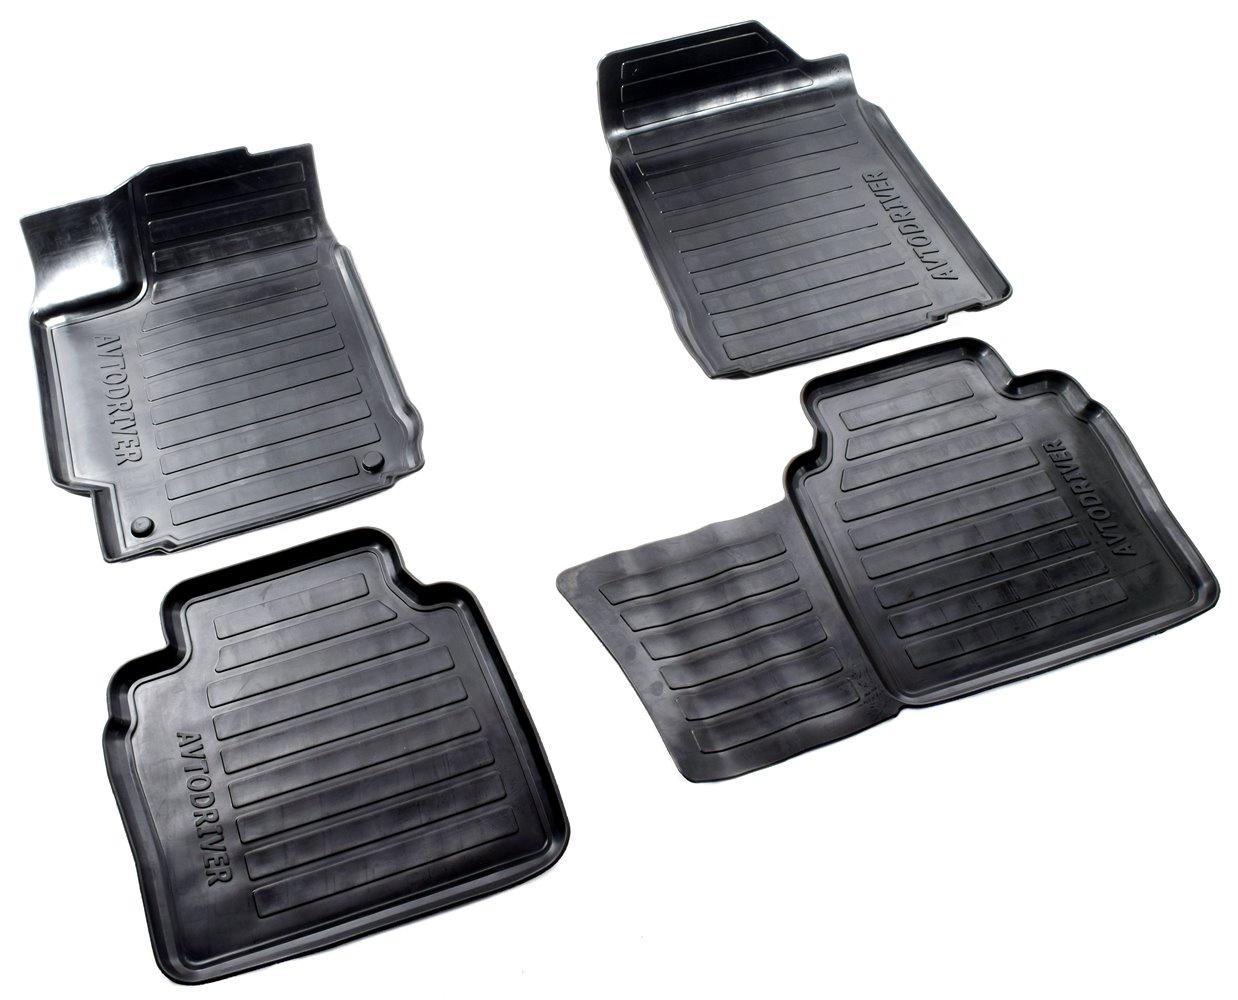 Коврики в салон автомобиля Avtodriver, для Toyota Camry, 2011-2014, ADRAVG201, резиновые, с бортиком, черный коврики салона avtodriver для renault duster передний привод 2011 adrjet023 резиновые с бортиком черный